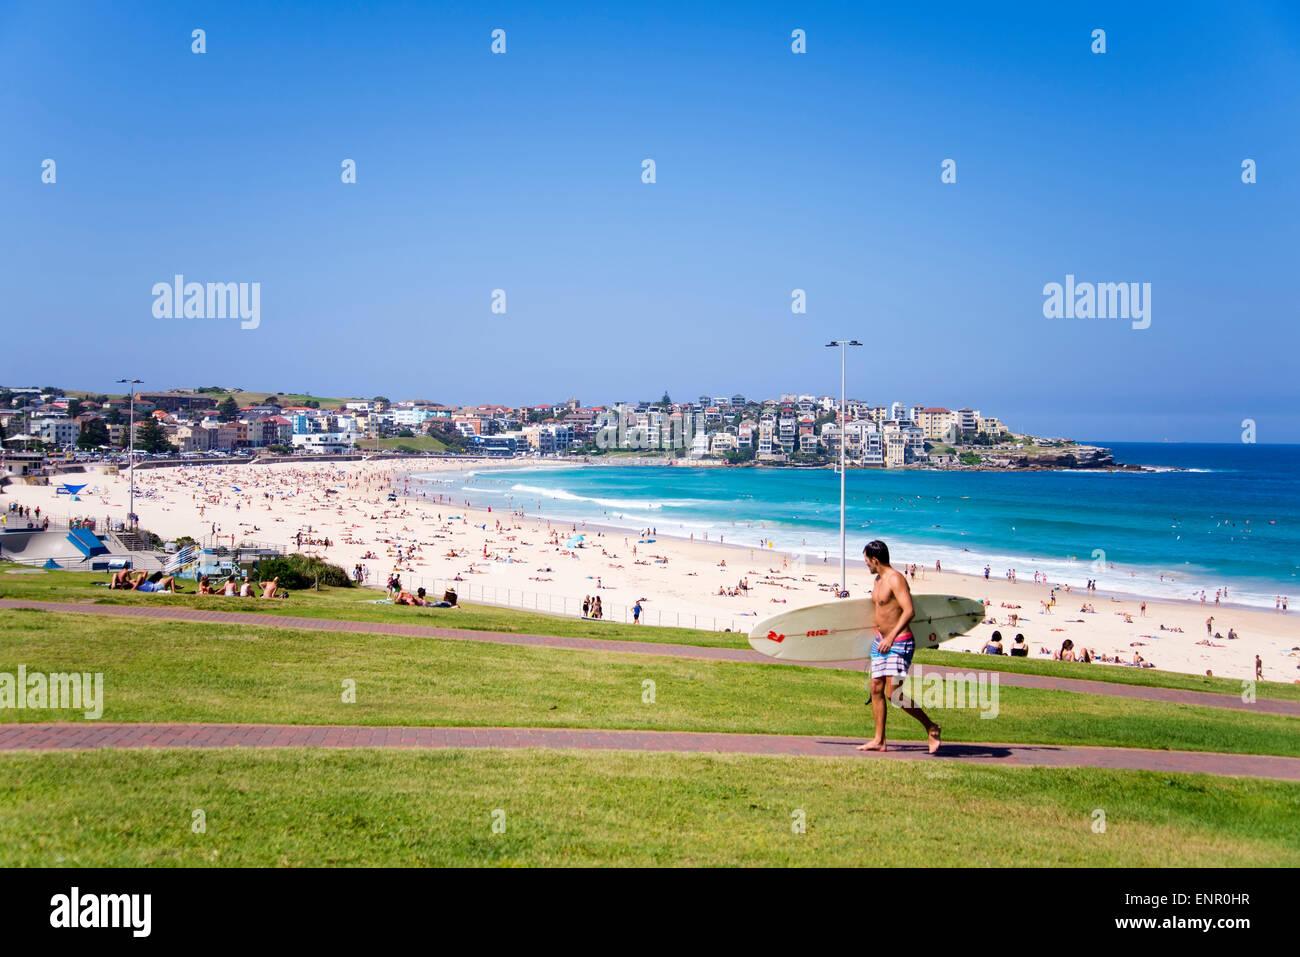 Persone non identificate a Bondi Beach, Australia. Immagini Stock